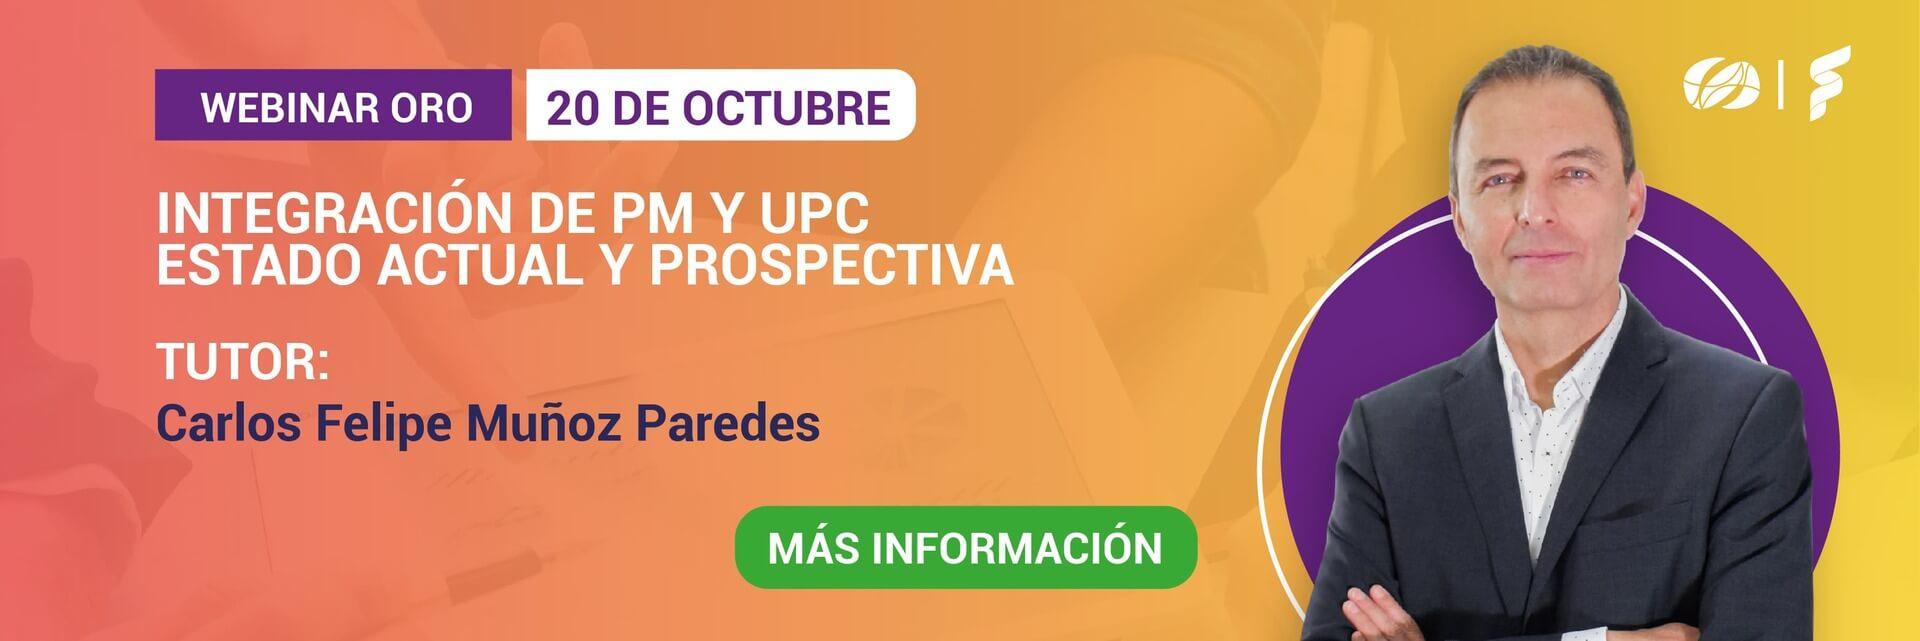 750x250_Integración de PM y UPC -opt